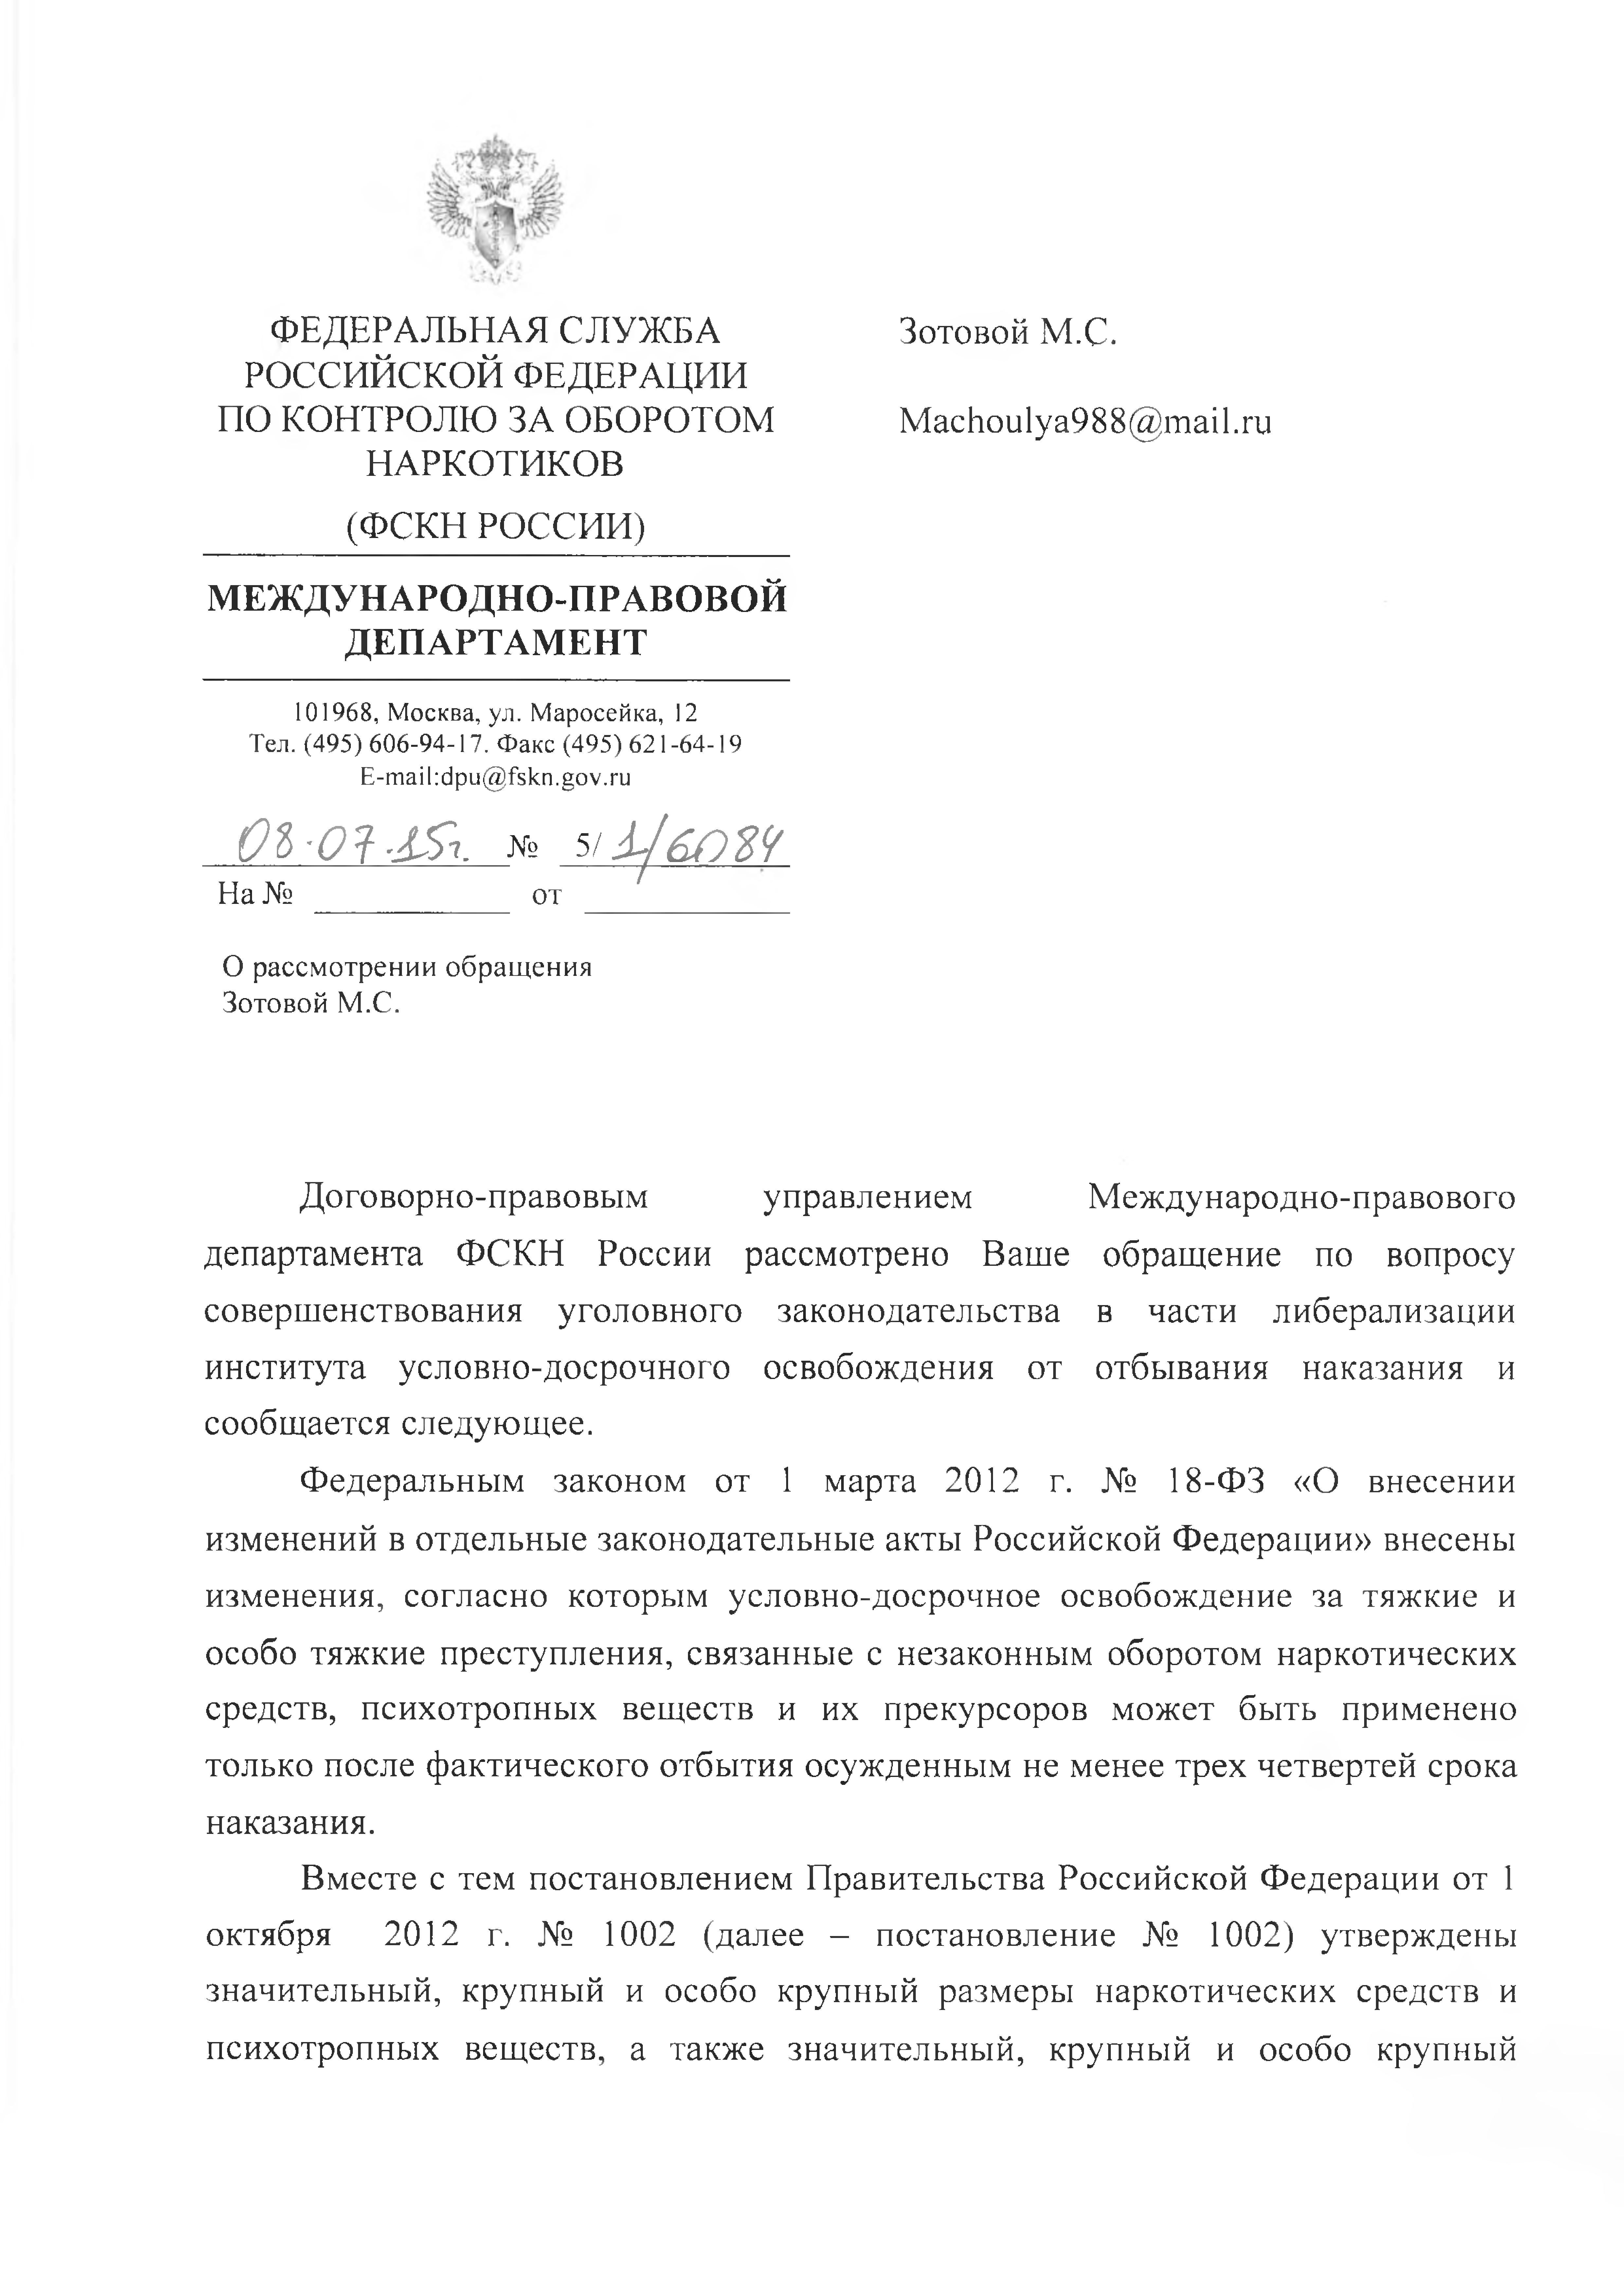 Статья 79 ук рф. условно-досрочное освобождение от отбывания наказания